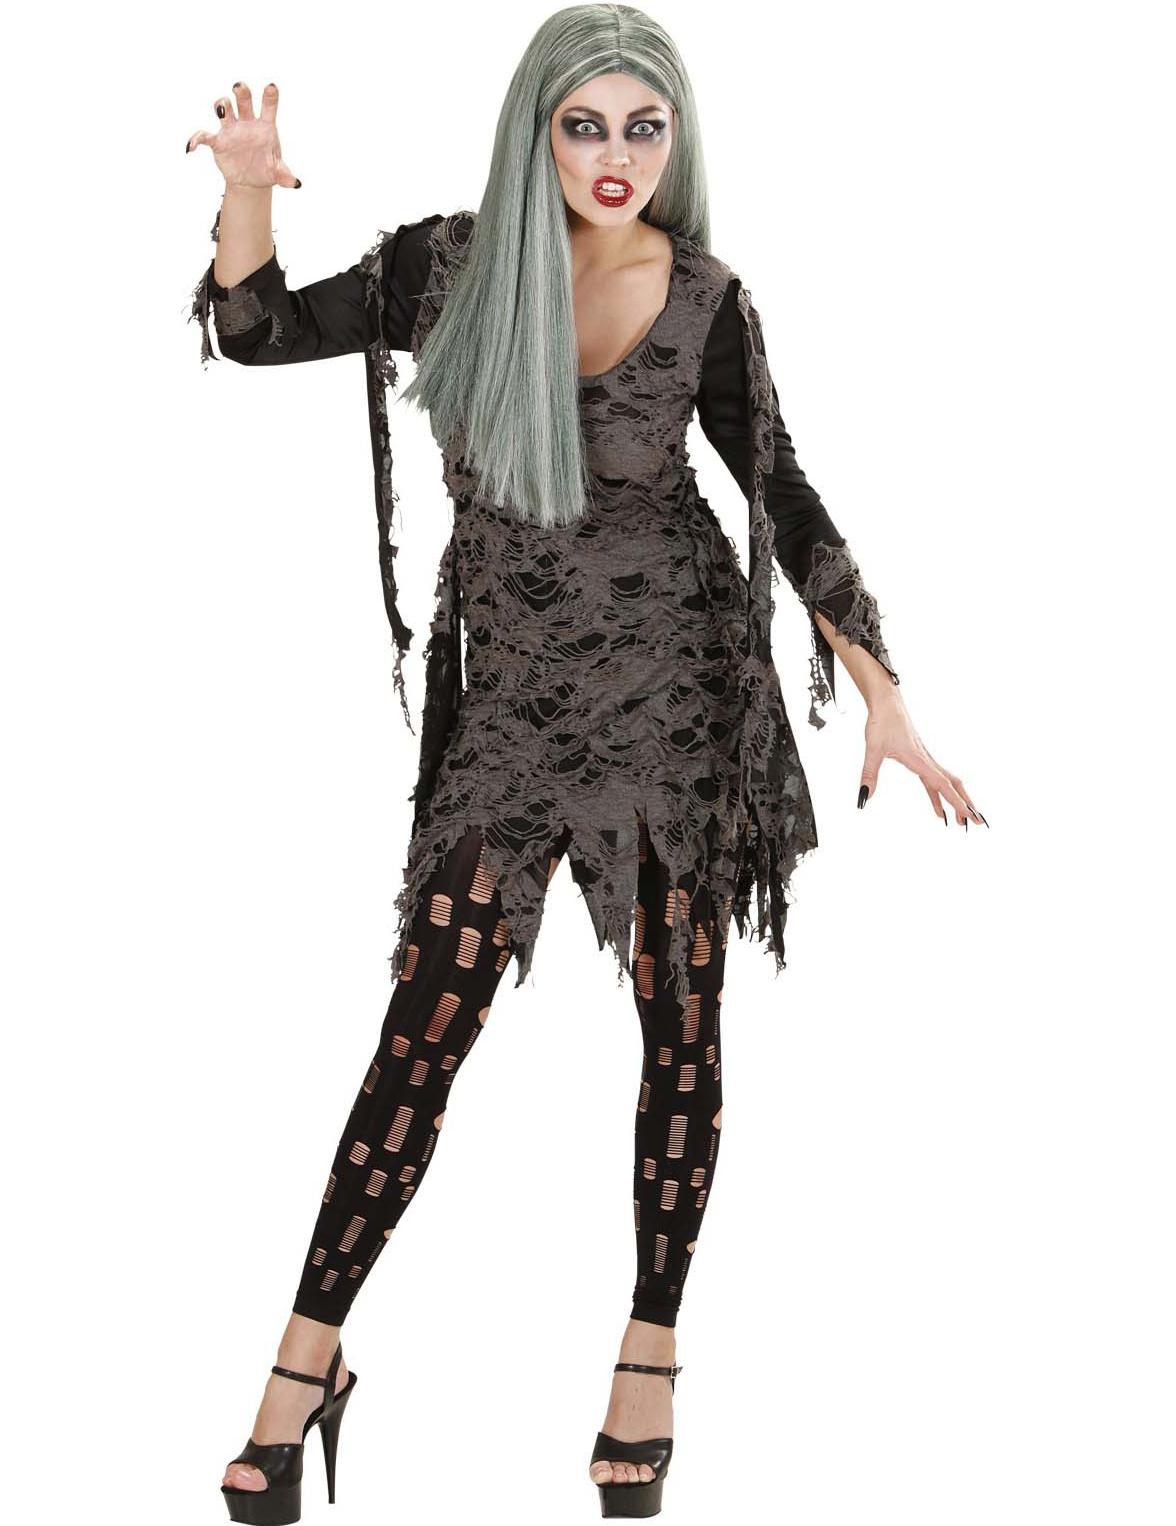 D guisement mort vivant femme halloween Deguisement femme enceinte halloween